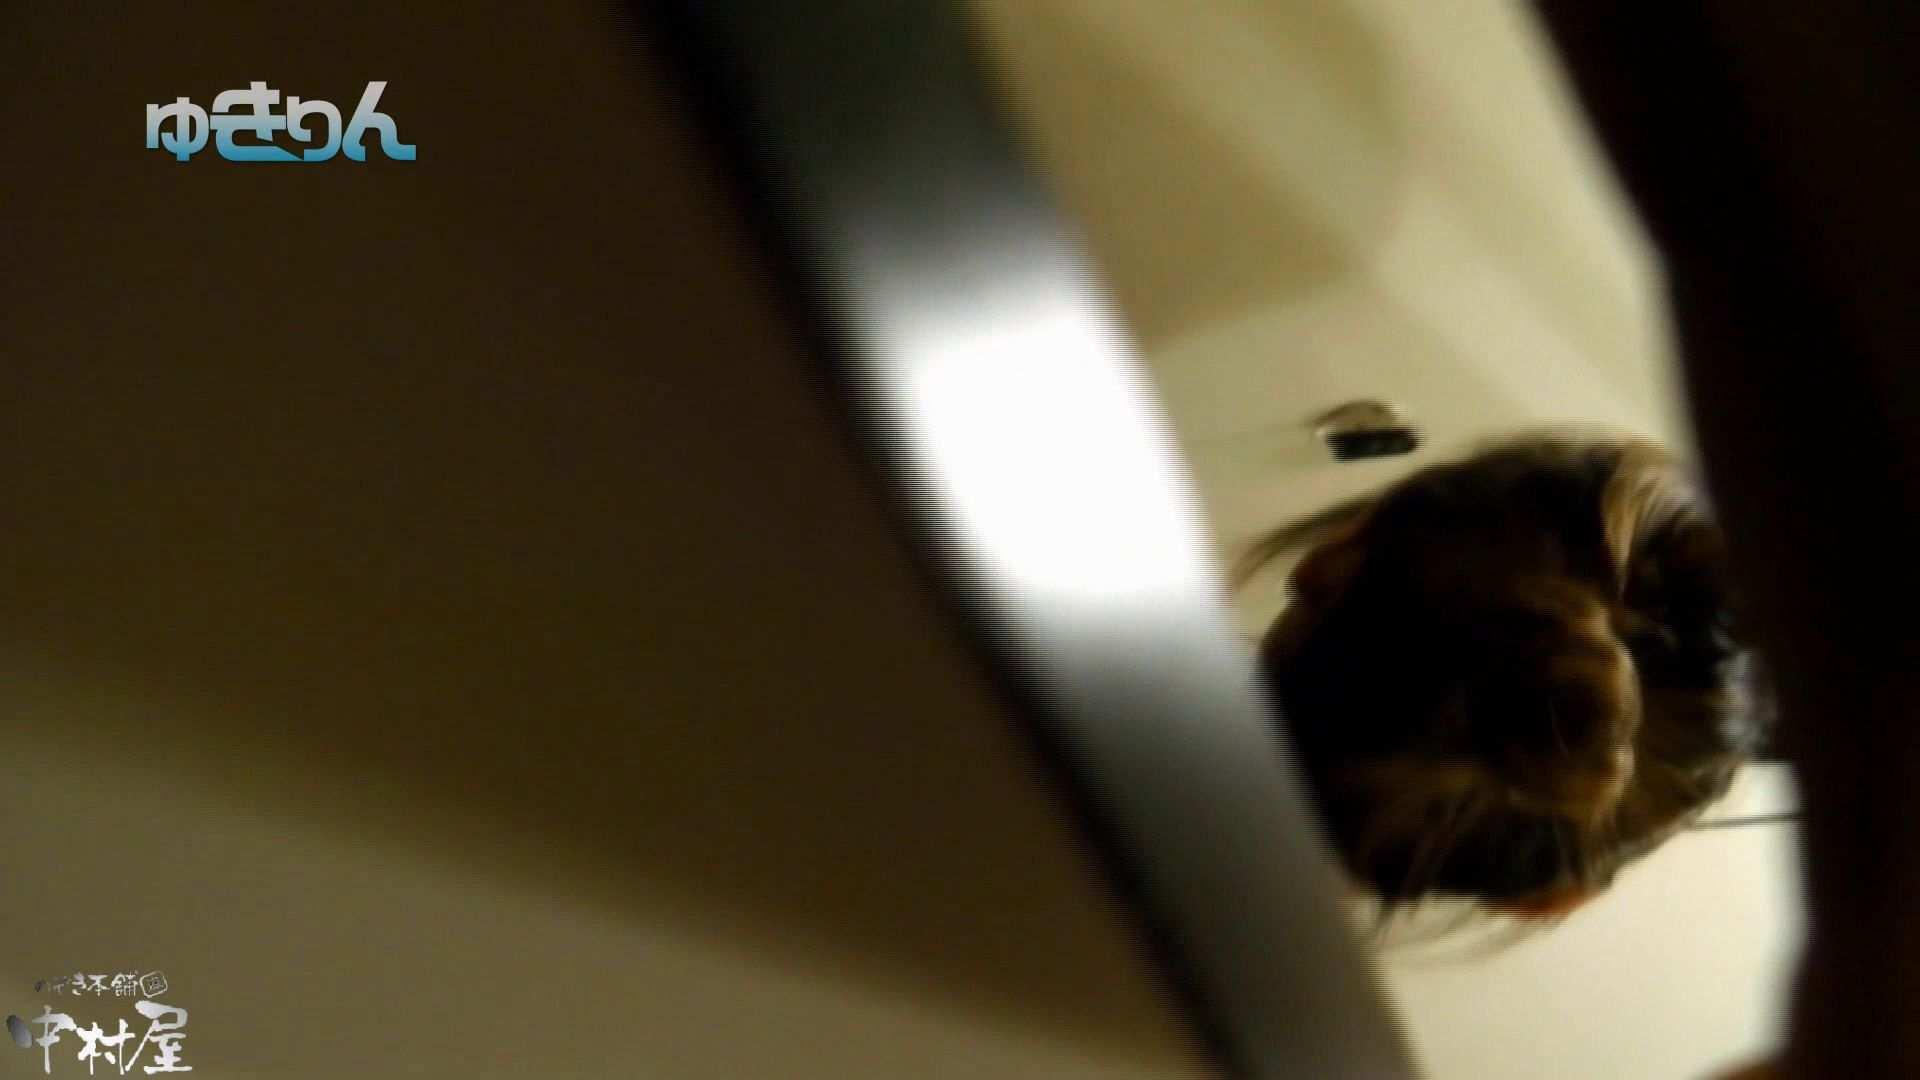 【世界の射窓から~ステーション編~】ステーション編 vol54 便秘のせいで長蛇の列、じっくり撮らせて頂きました後編 OLハメ撮り  44Pix 11